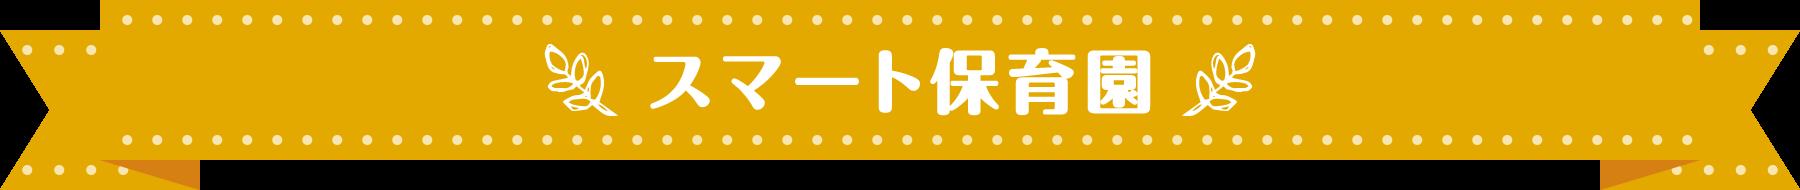 ぽかぽか保育園のアプリ利用について